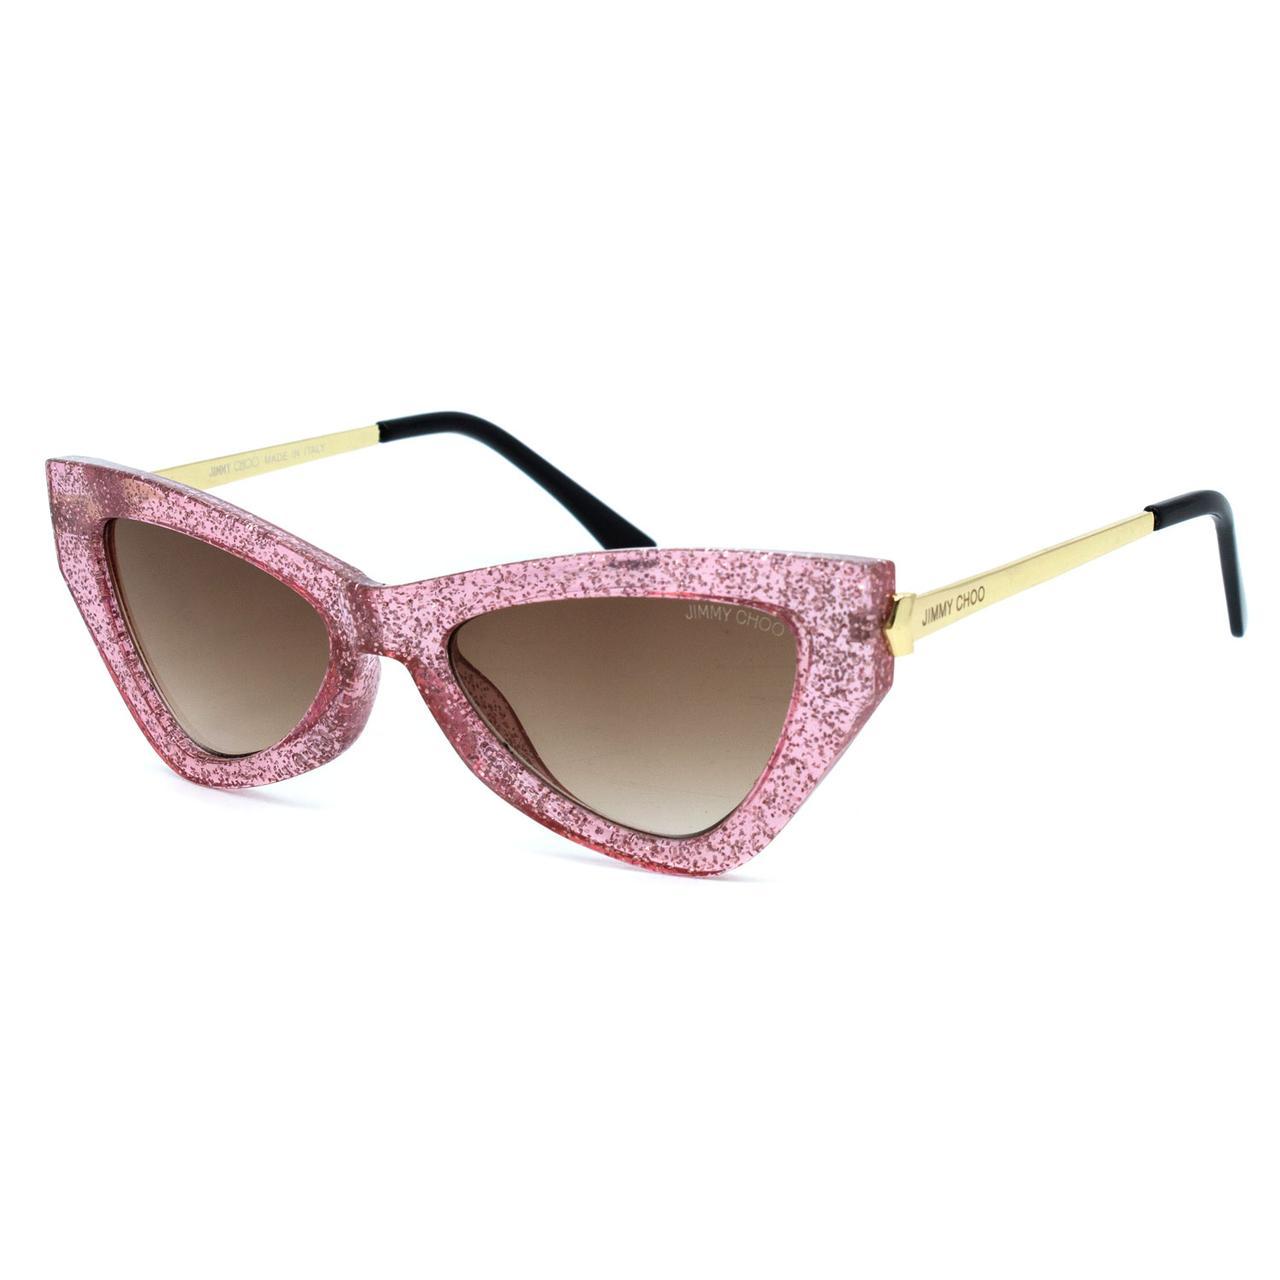 Сонцезахисні окуляри Jimmy Choo R1911 C2 рожеві ( R1911-02 )